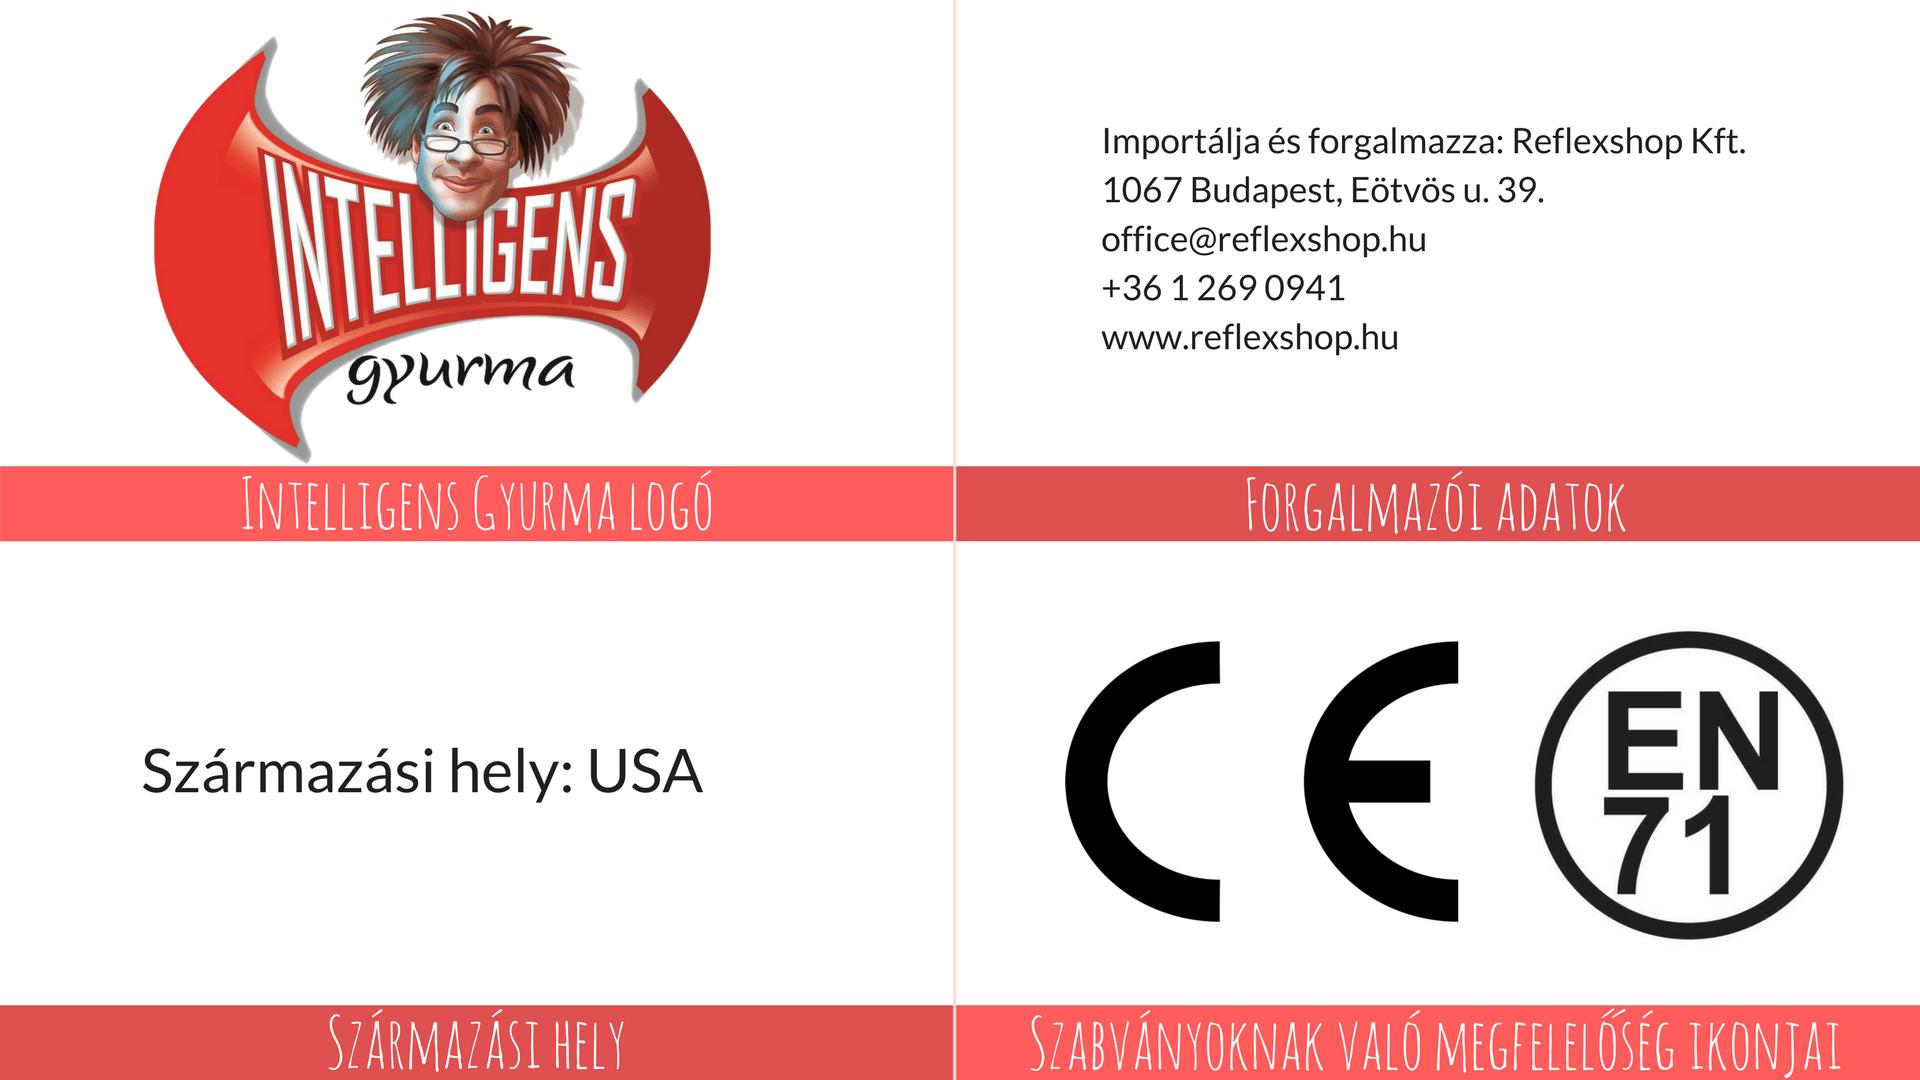 intelligens gyurma logo